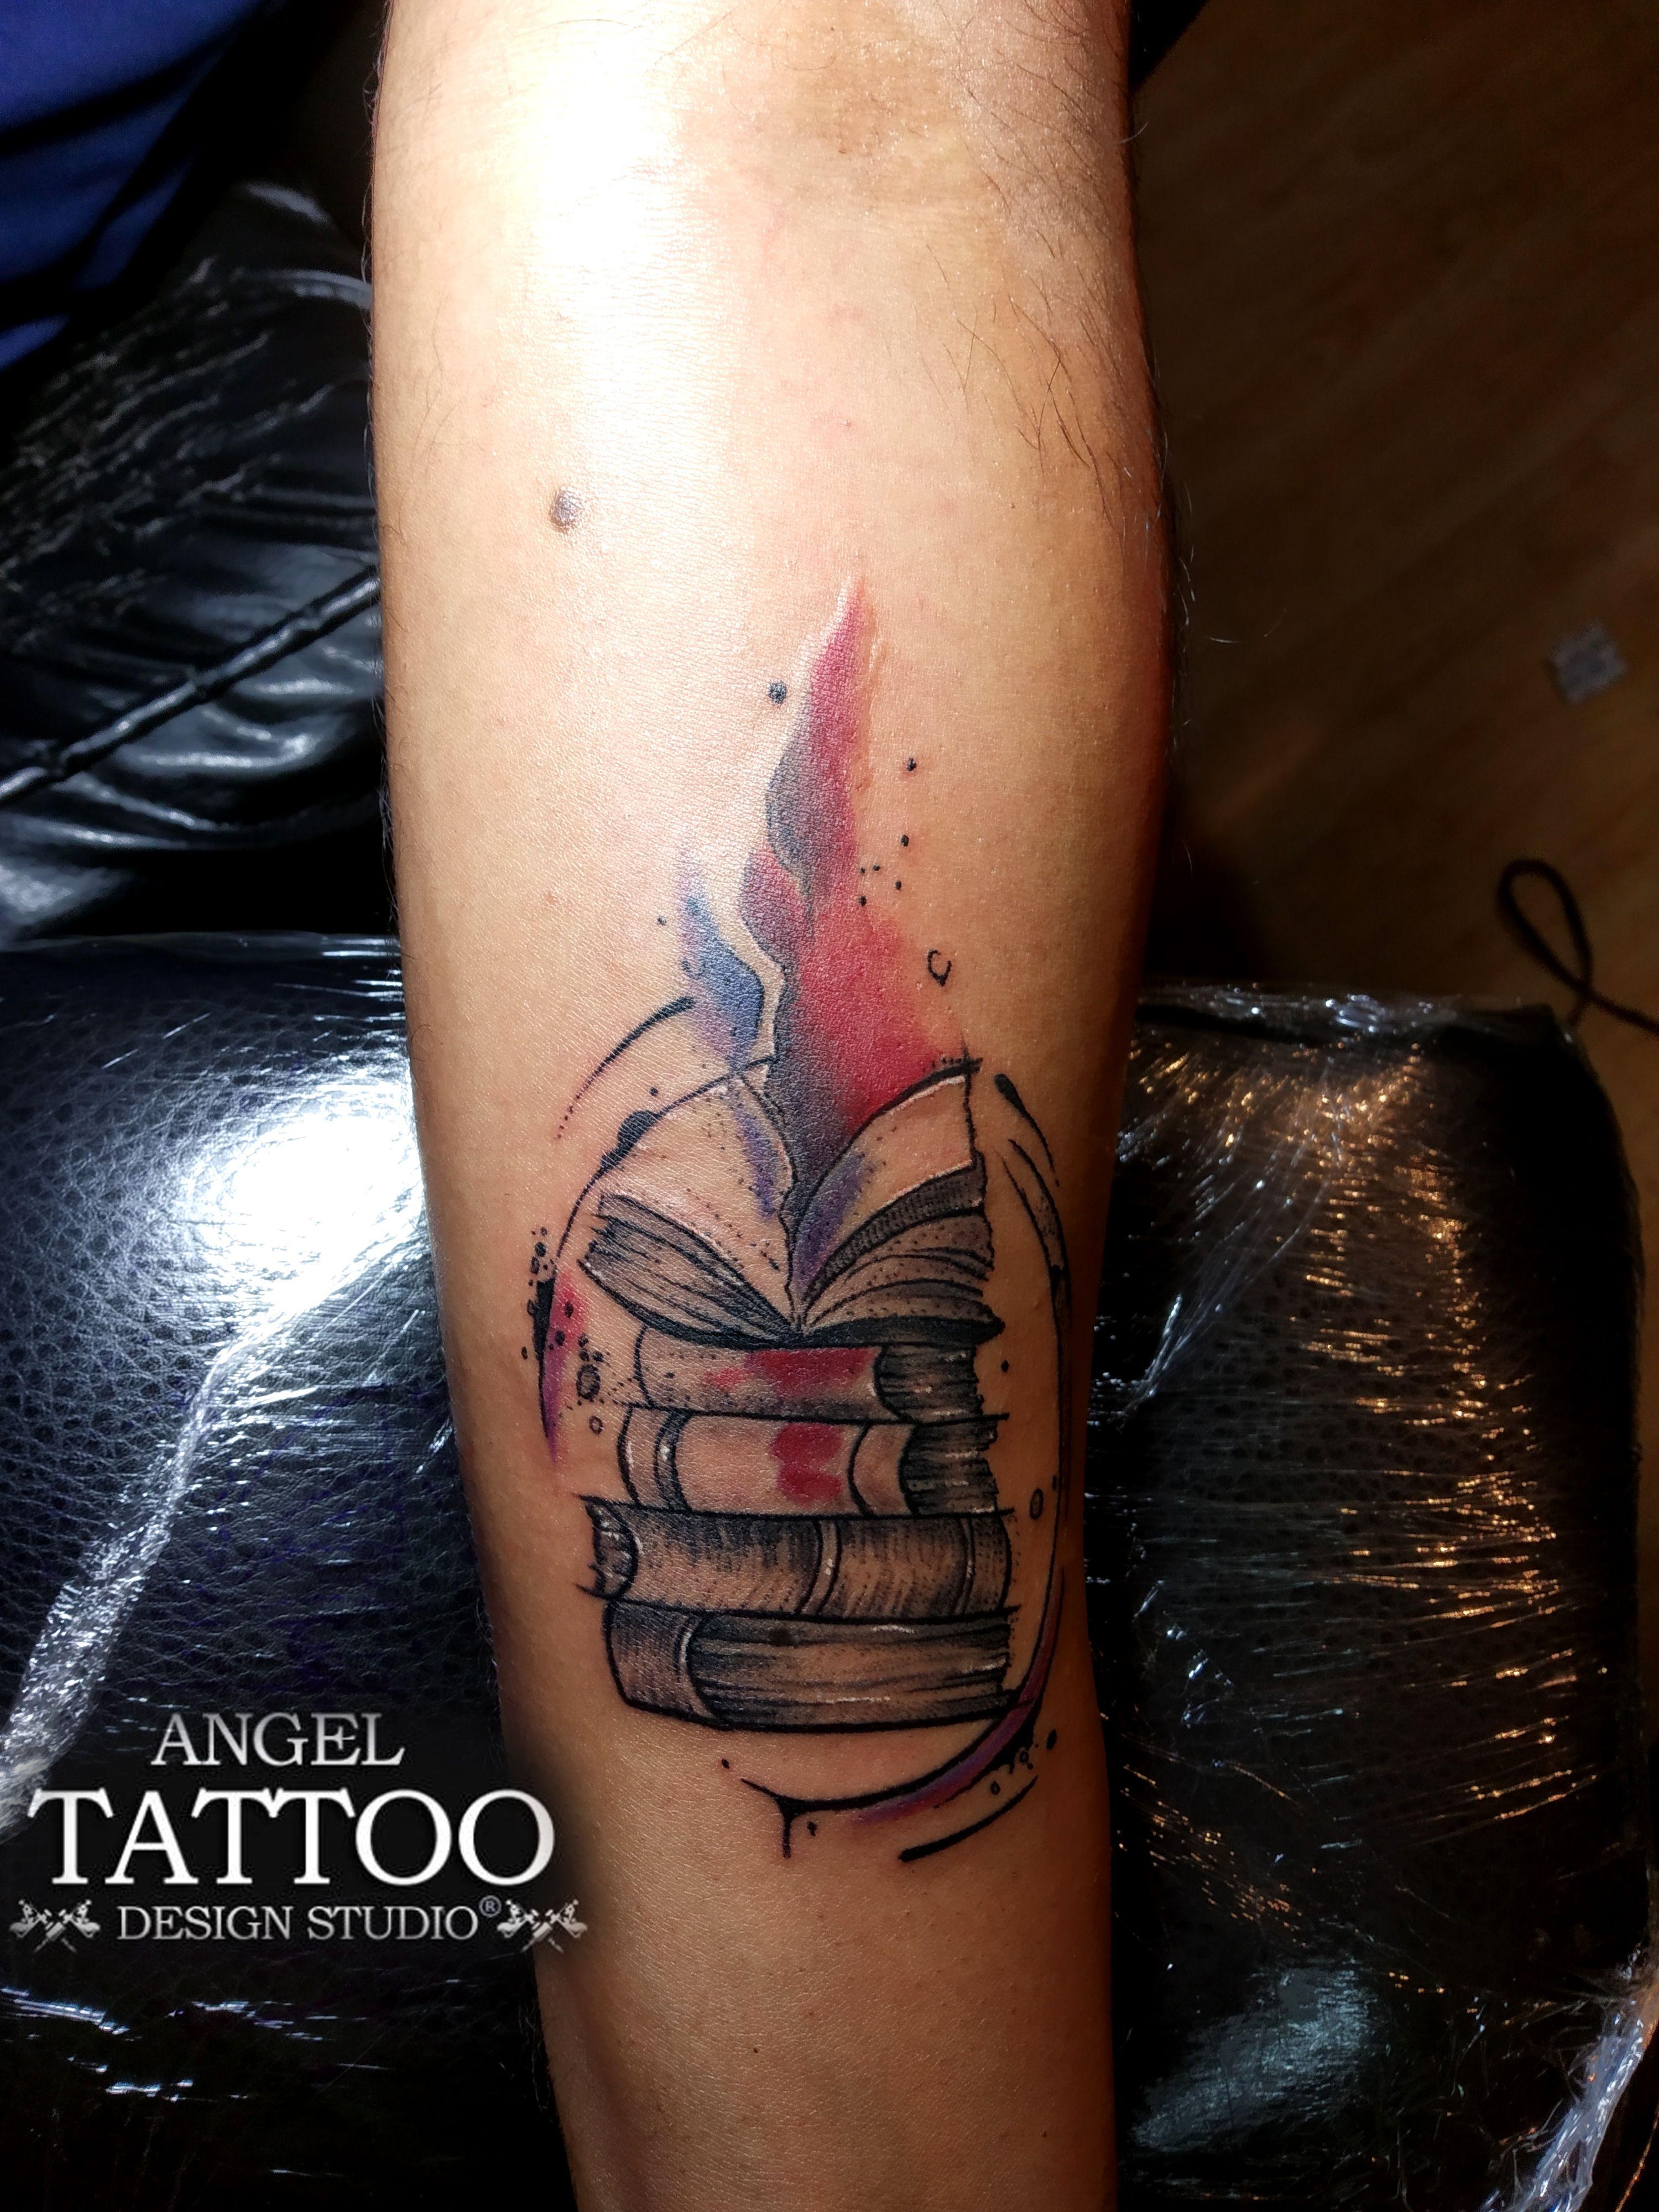 Books tattoo Angel tattoo designs, Tattoos, Book tattoo